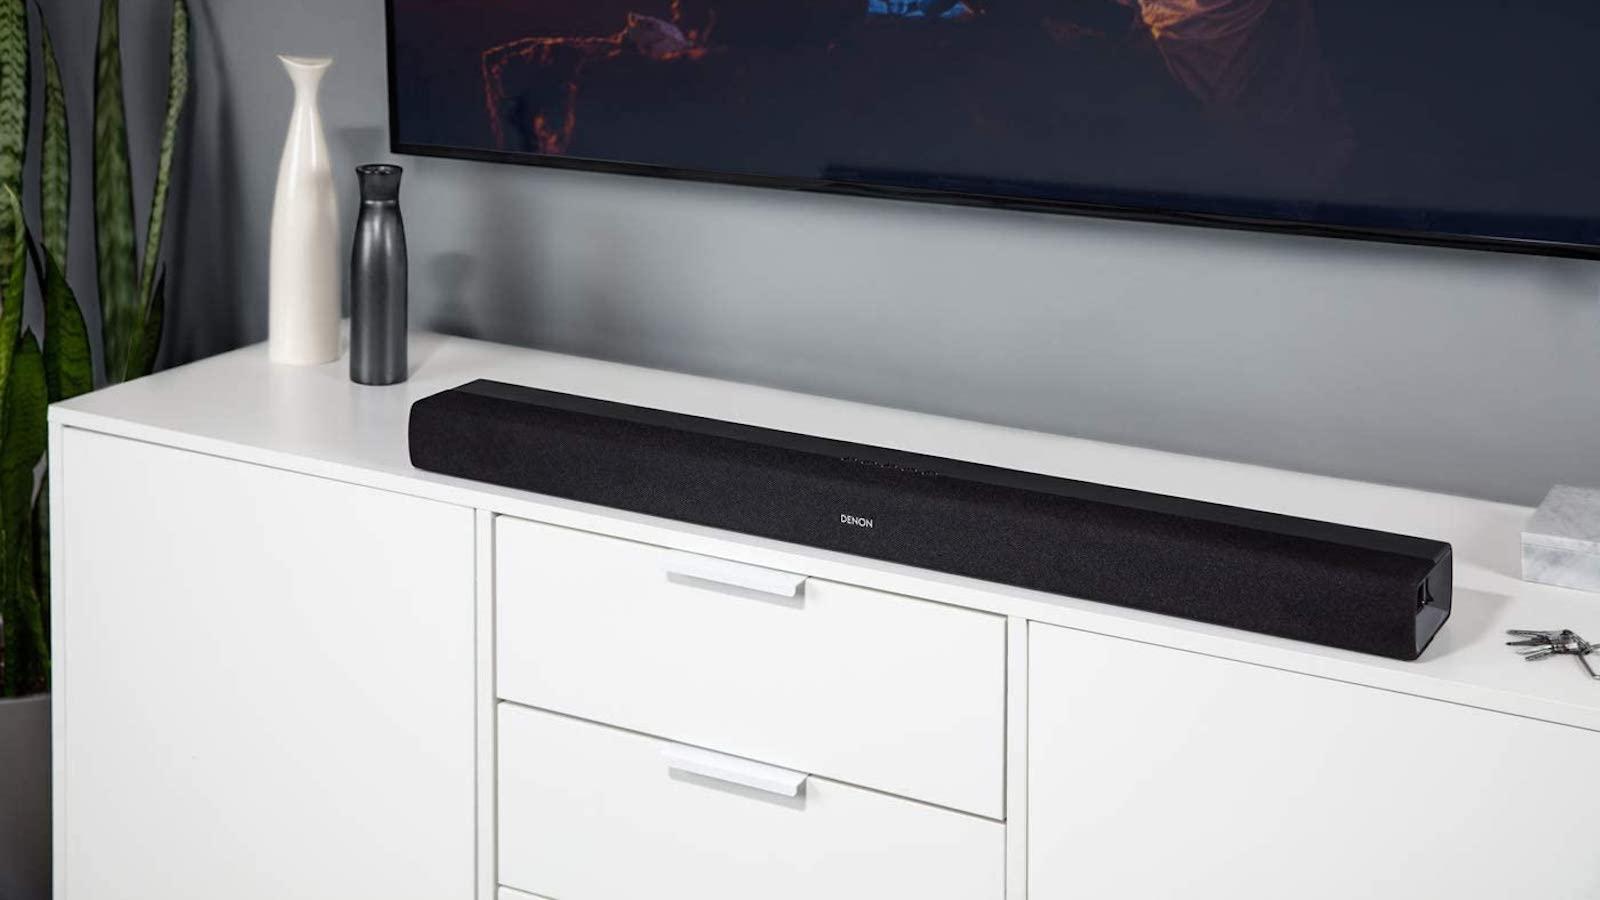 Denon DHT-S216 Home Theater Soundbar